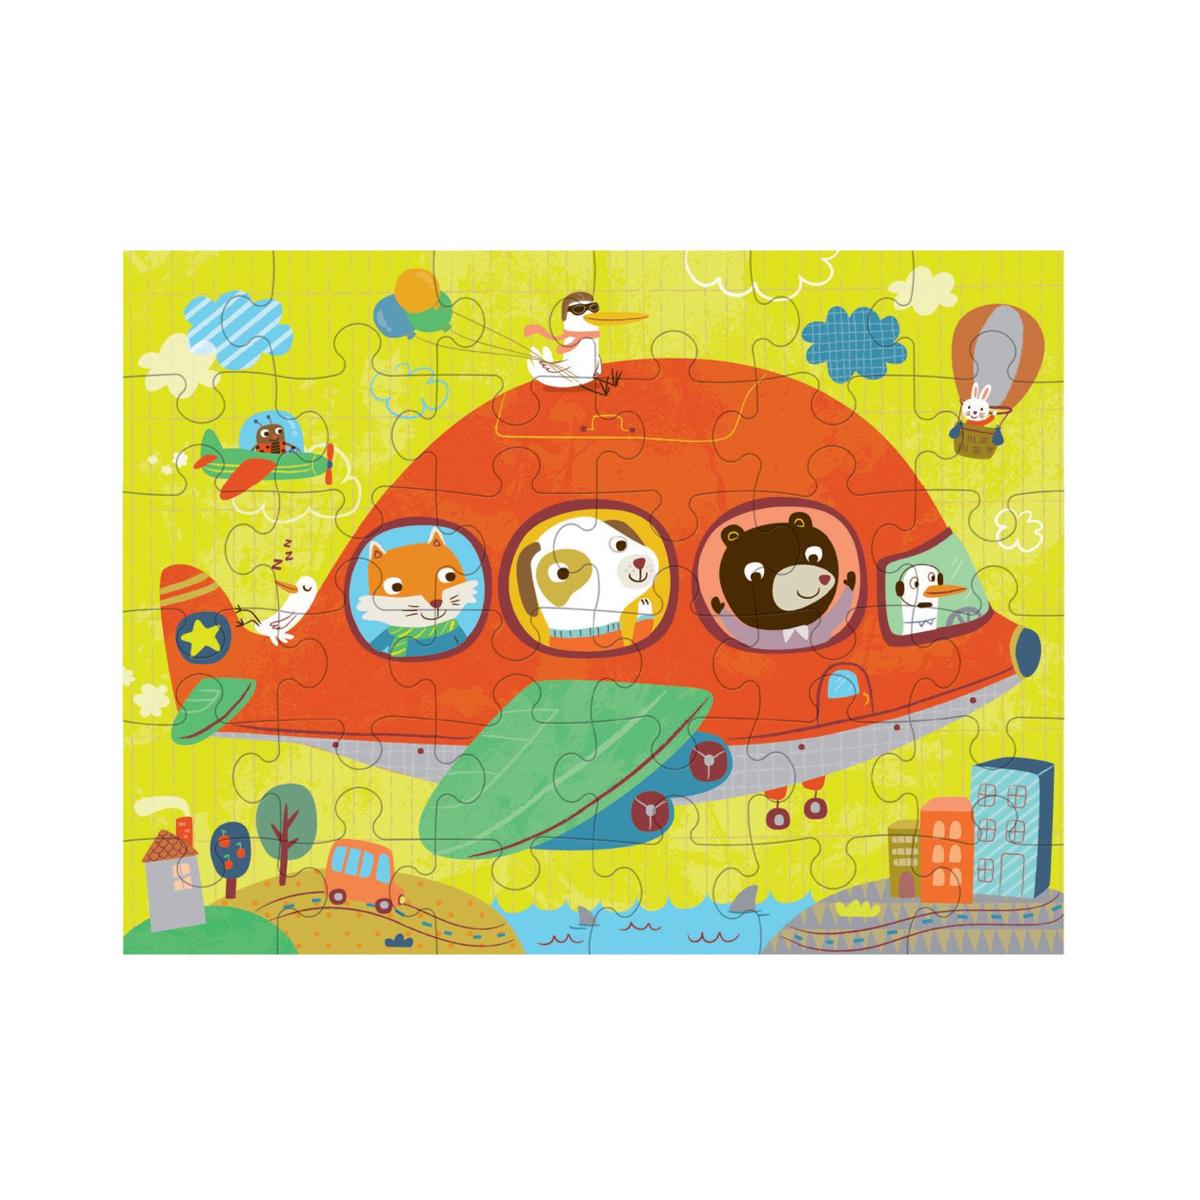 puzzle-to-go-airplane-de-mudpuppy-en-el-mundo-de-mico